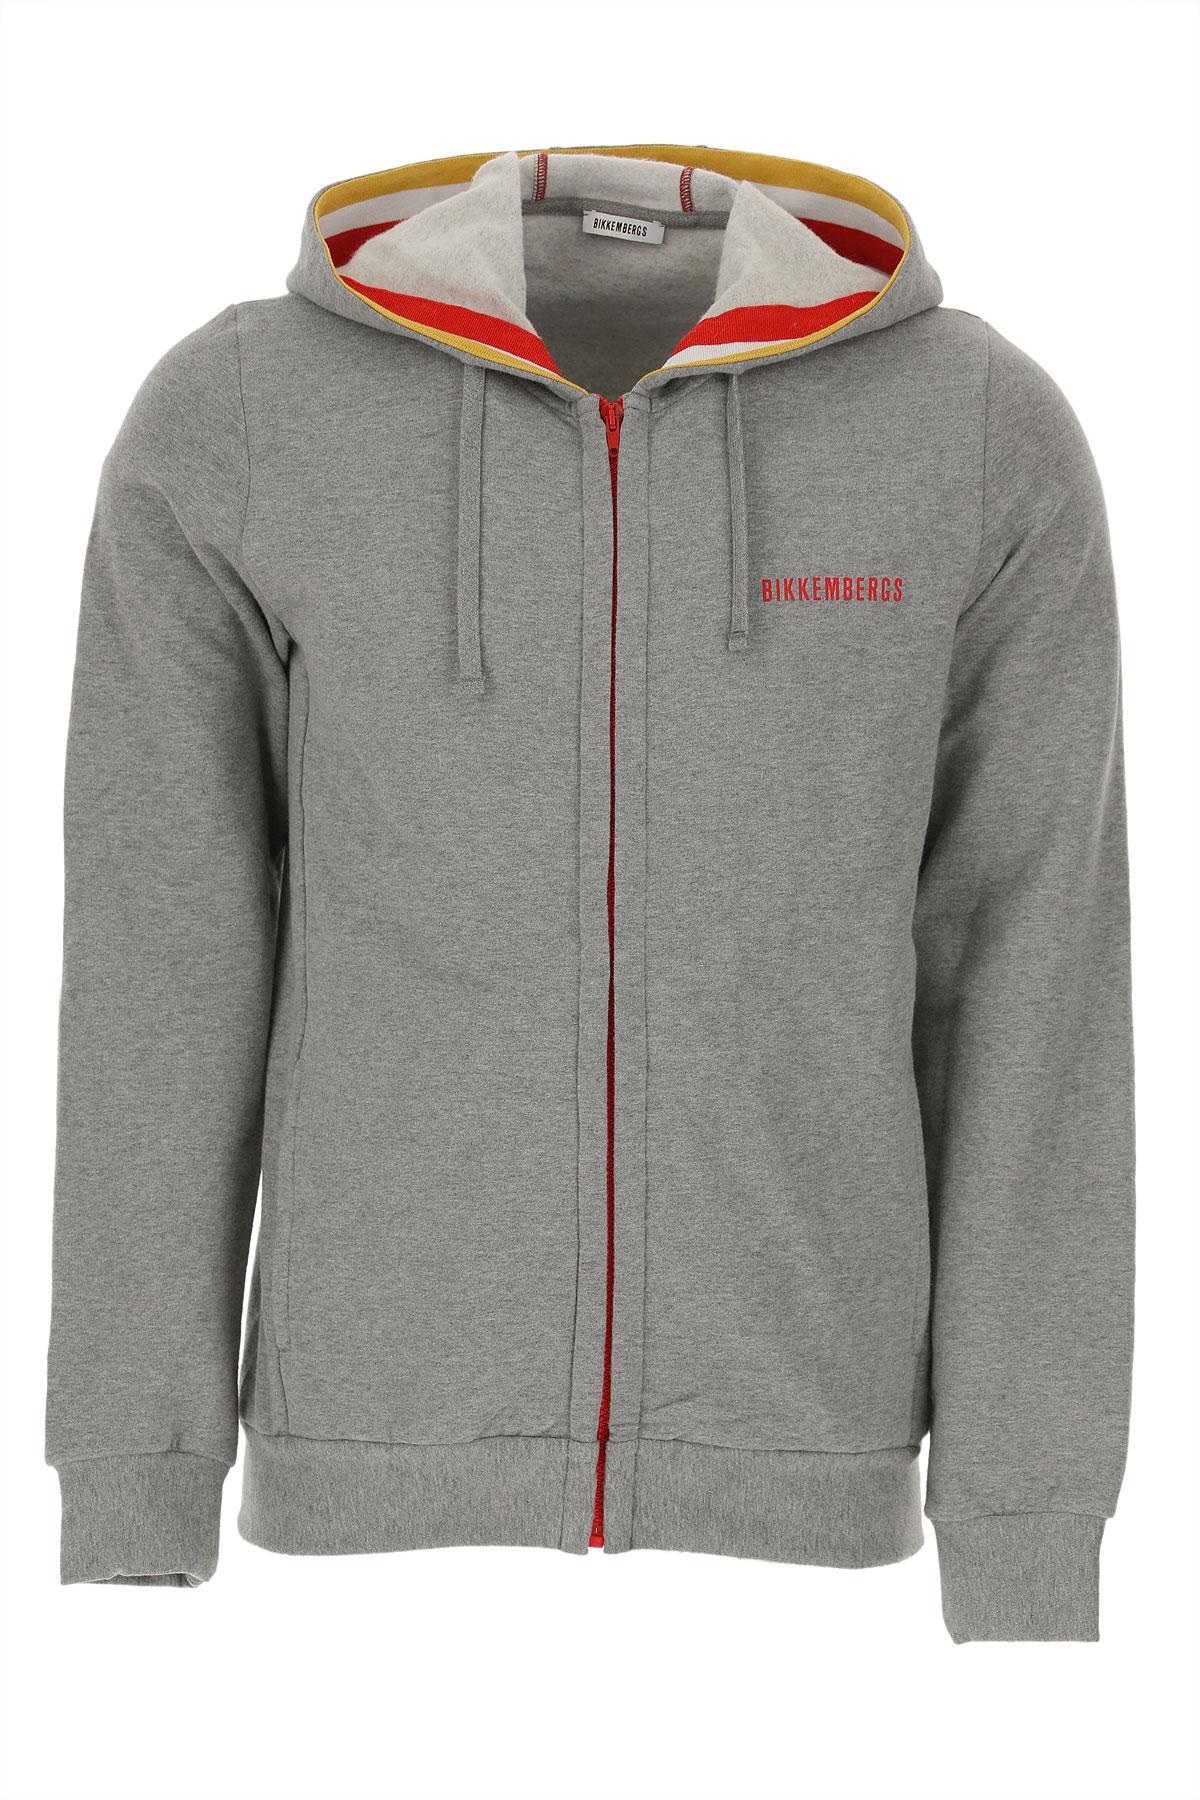 Bikkembergs Sweatshirt for Men On Sale in Outlet, Melange Grey, Cotton, 2019, L S